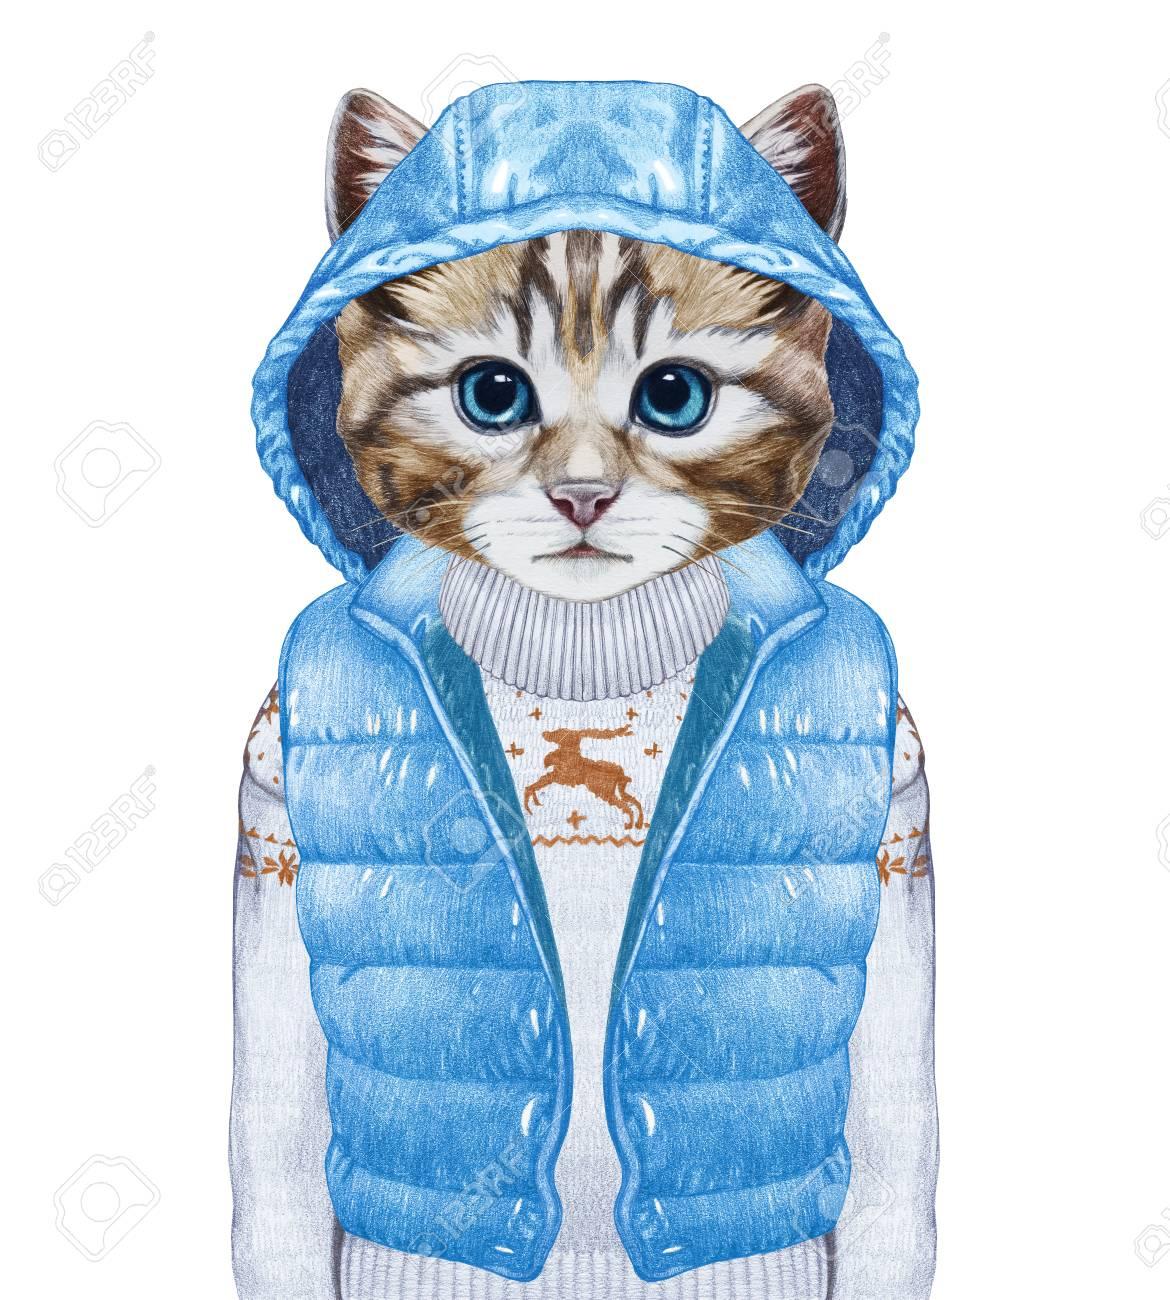 data di rilascio: e14cf c24c0 Gli animali come umani. Gatto in giù maglia e maglione. Illustrazione a  mano, colorata in digitale.